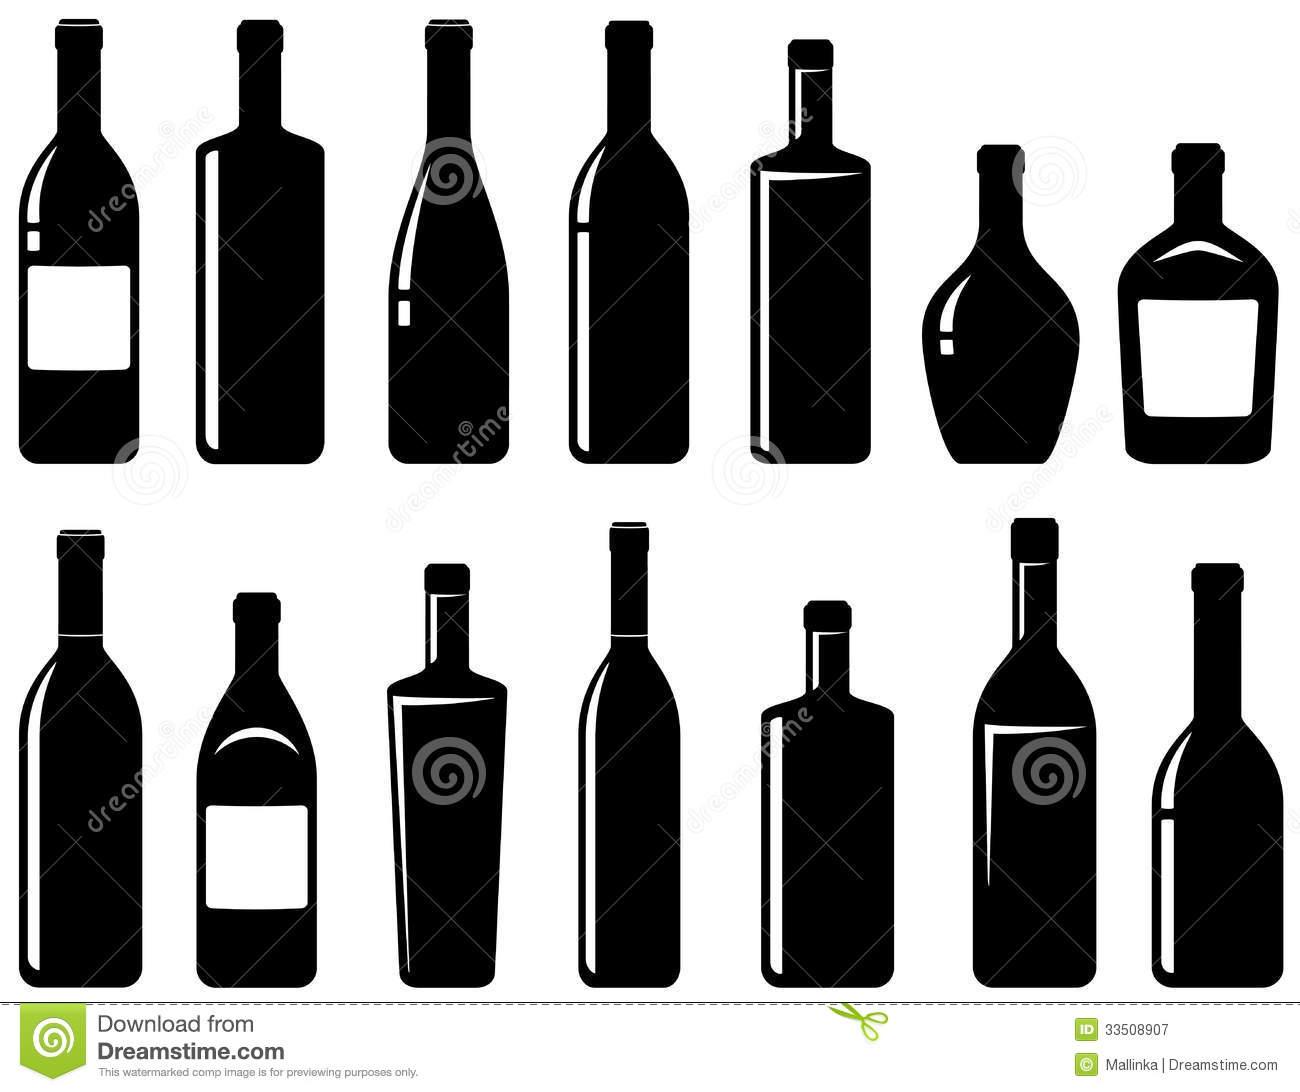 Boose clipart wine bottle Clip Black Clipart Bottle Of